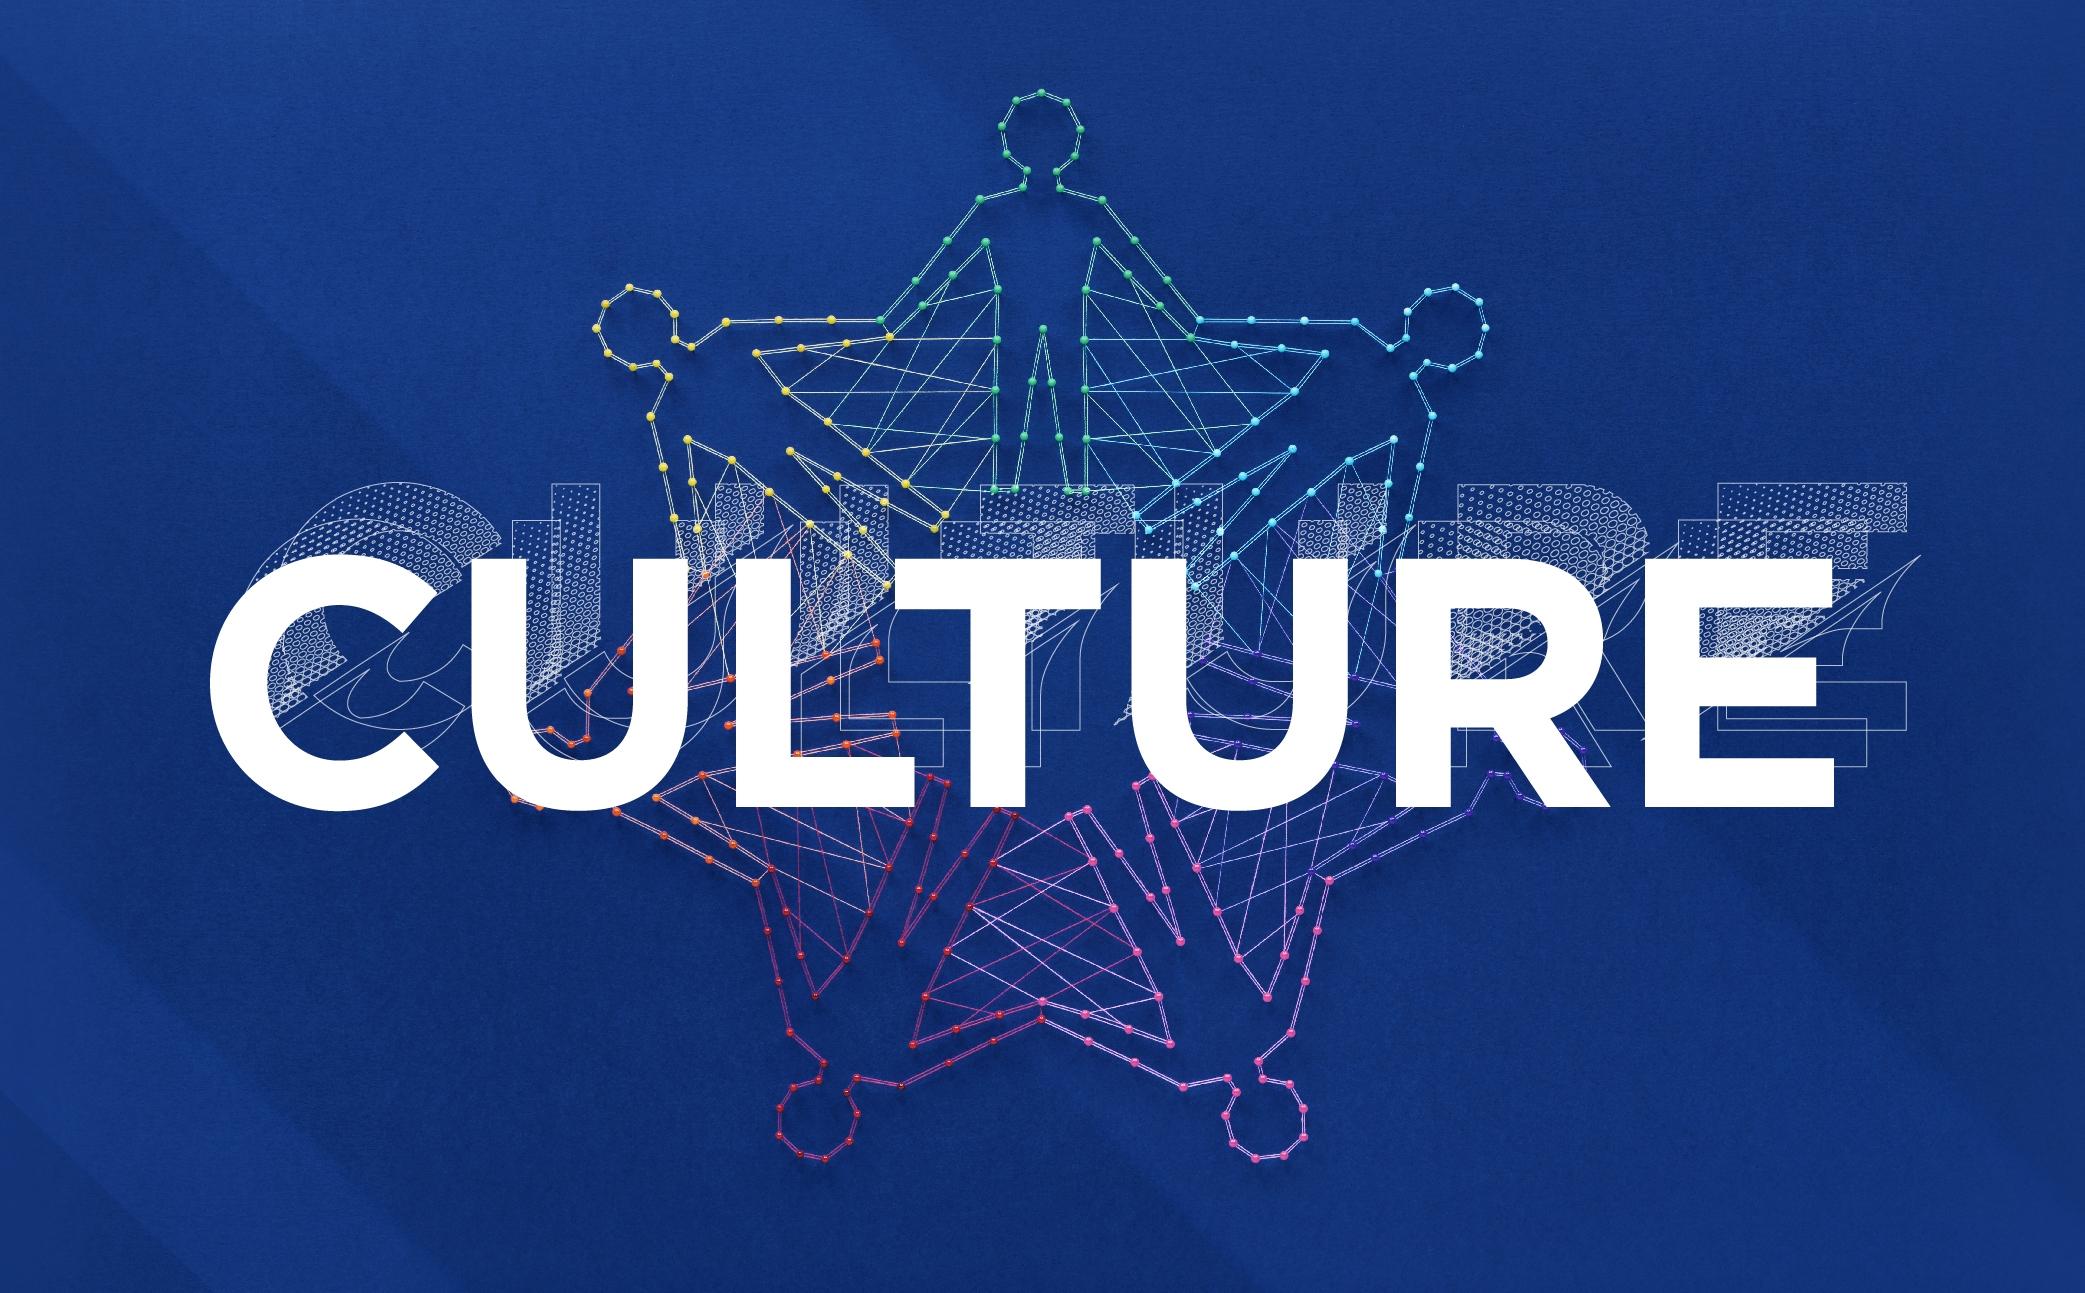 การสร้างวัฒนธรรมองค์กรและคุณสมบัติที่องค์กรที่ดีควรมี